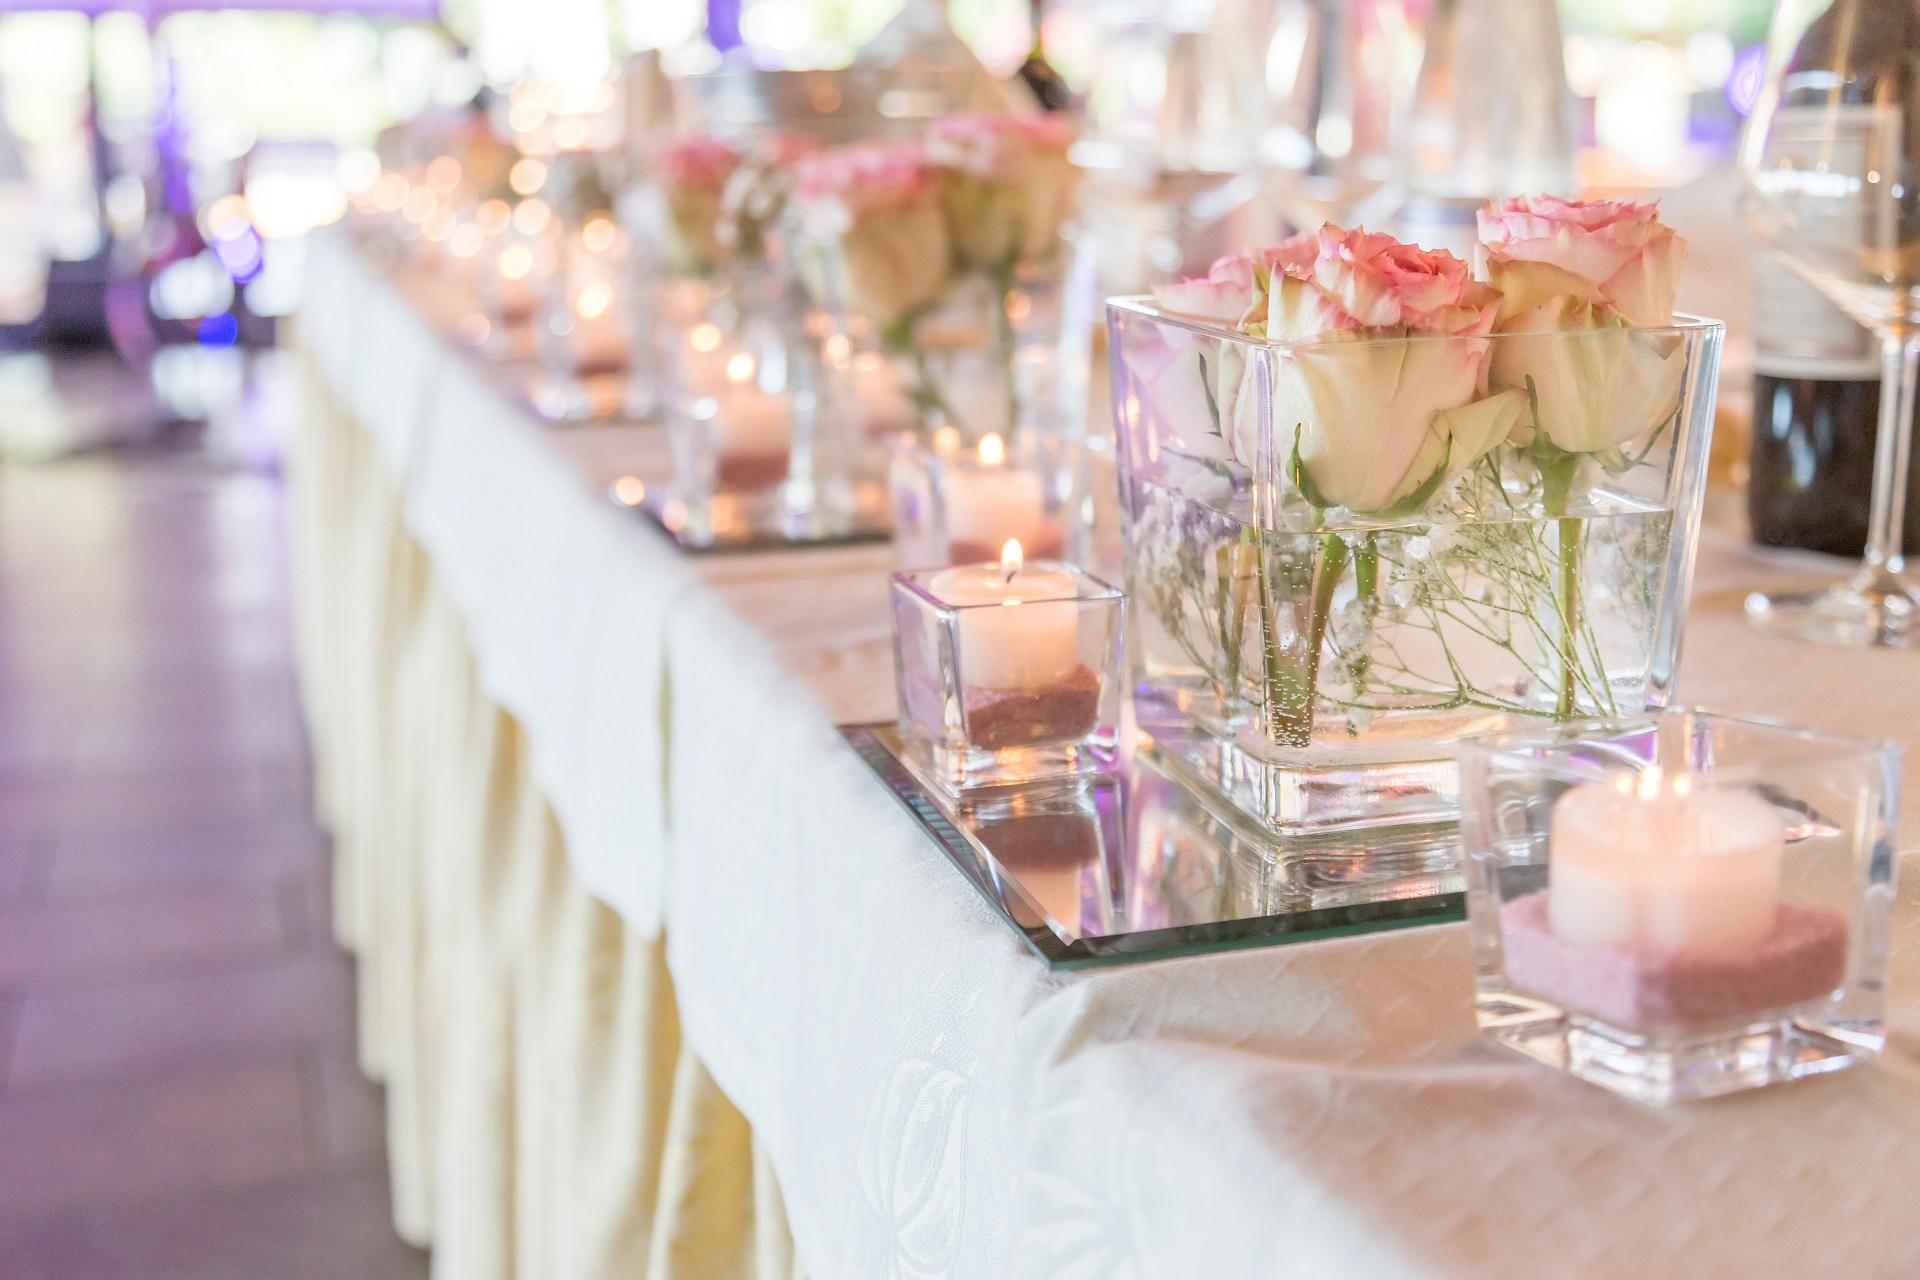 Pięknie przystrojona sala weselna z kwiatami i świecami